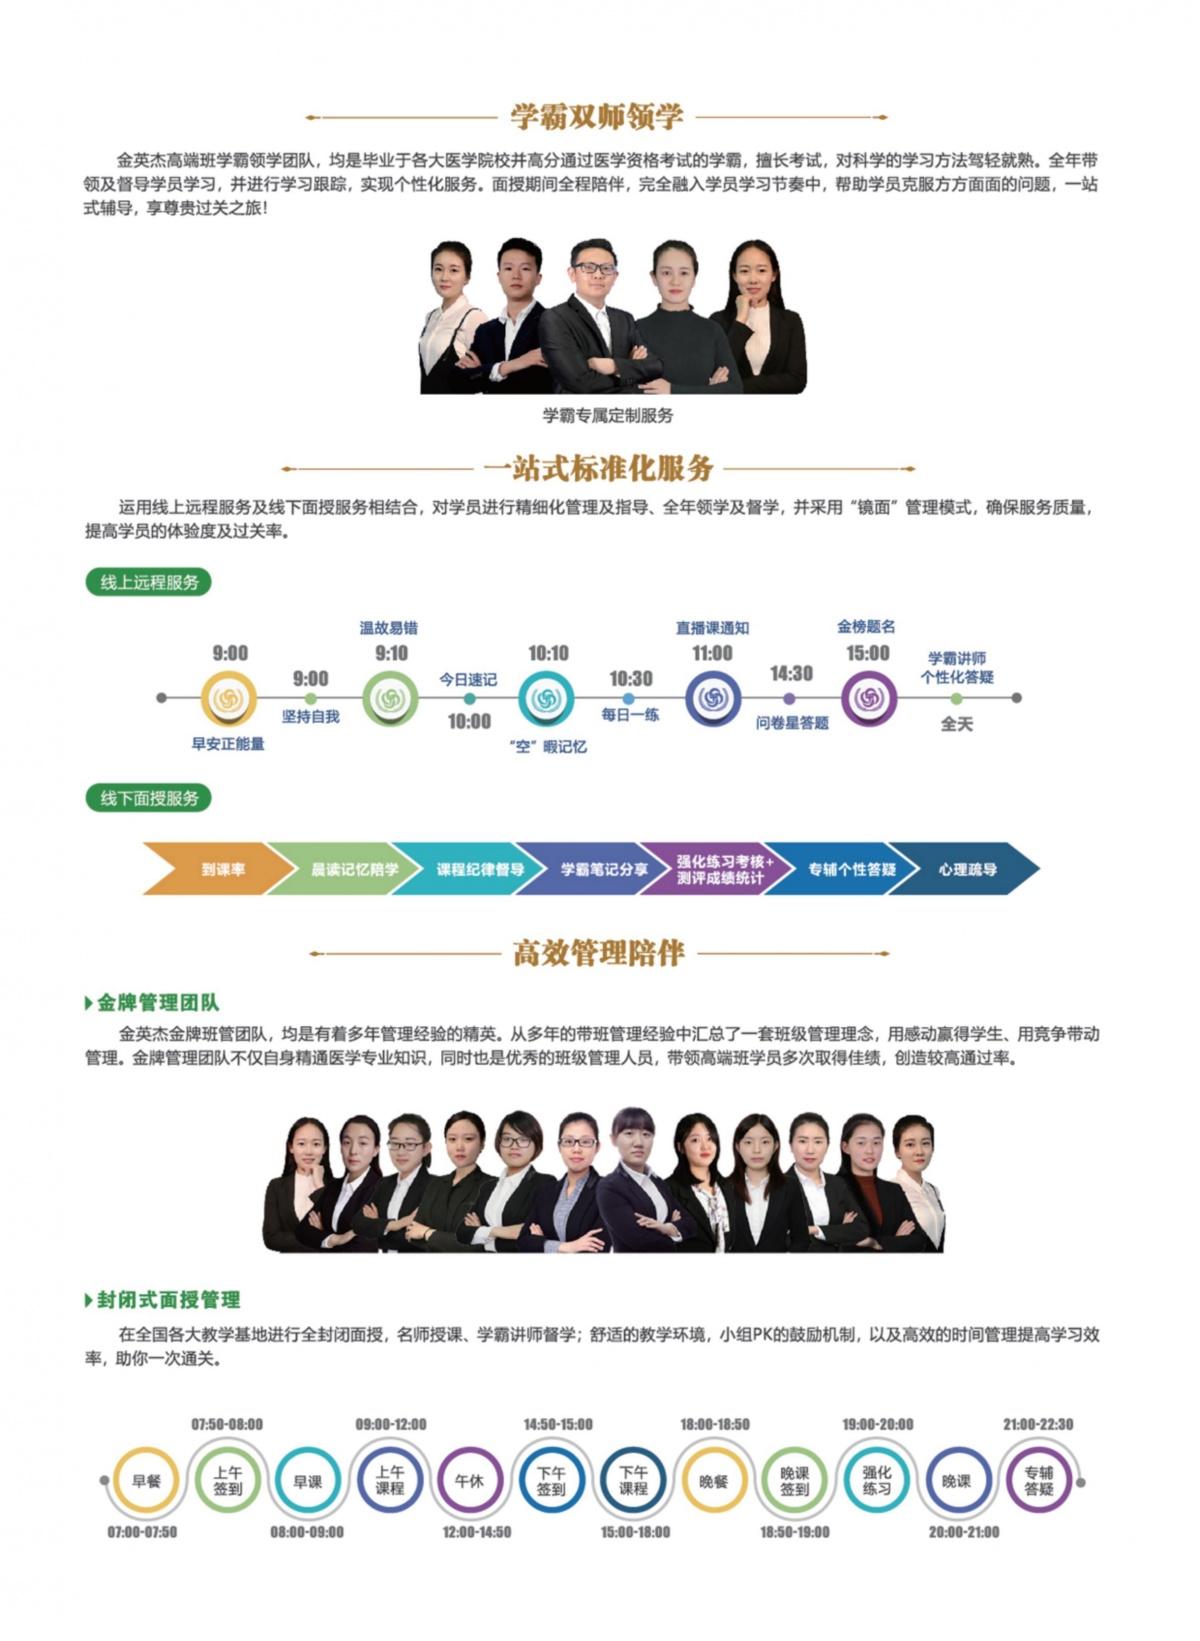 2019卓越计划-口腔主治_03.jpg